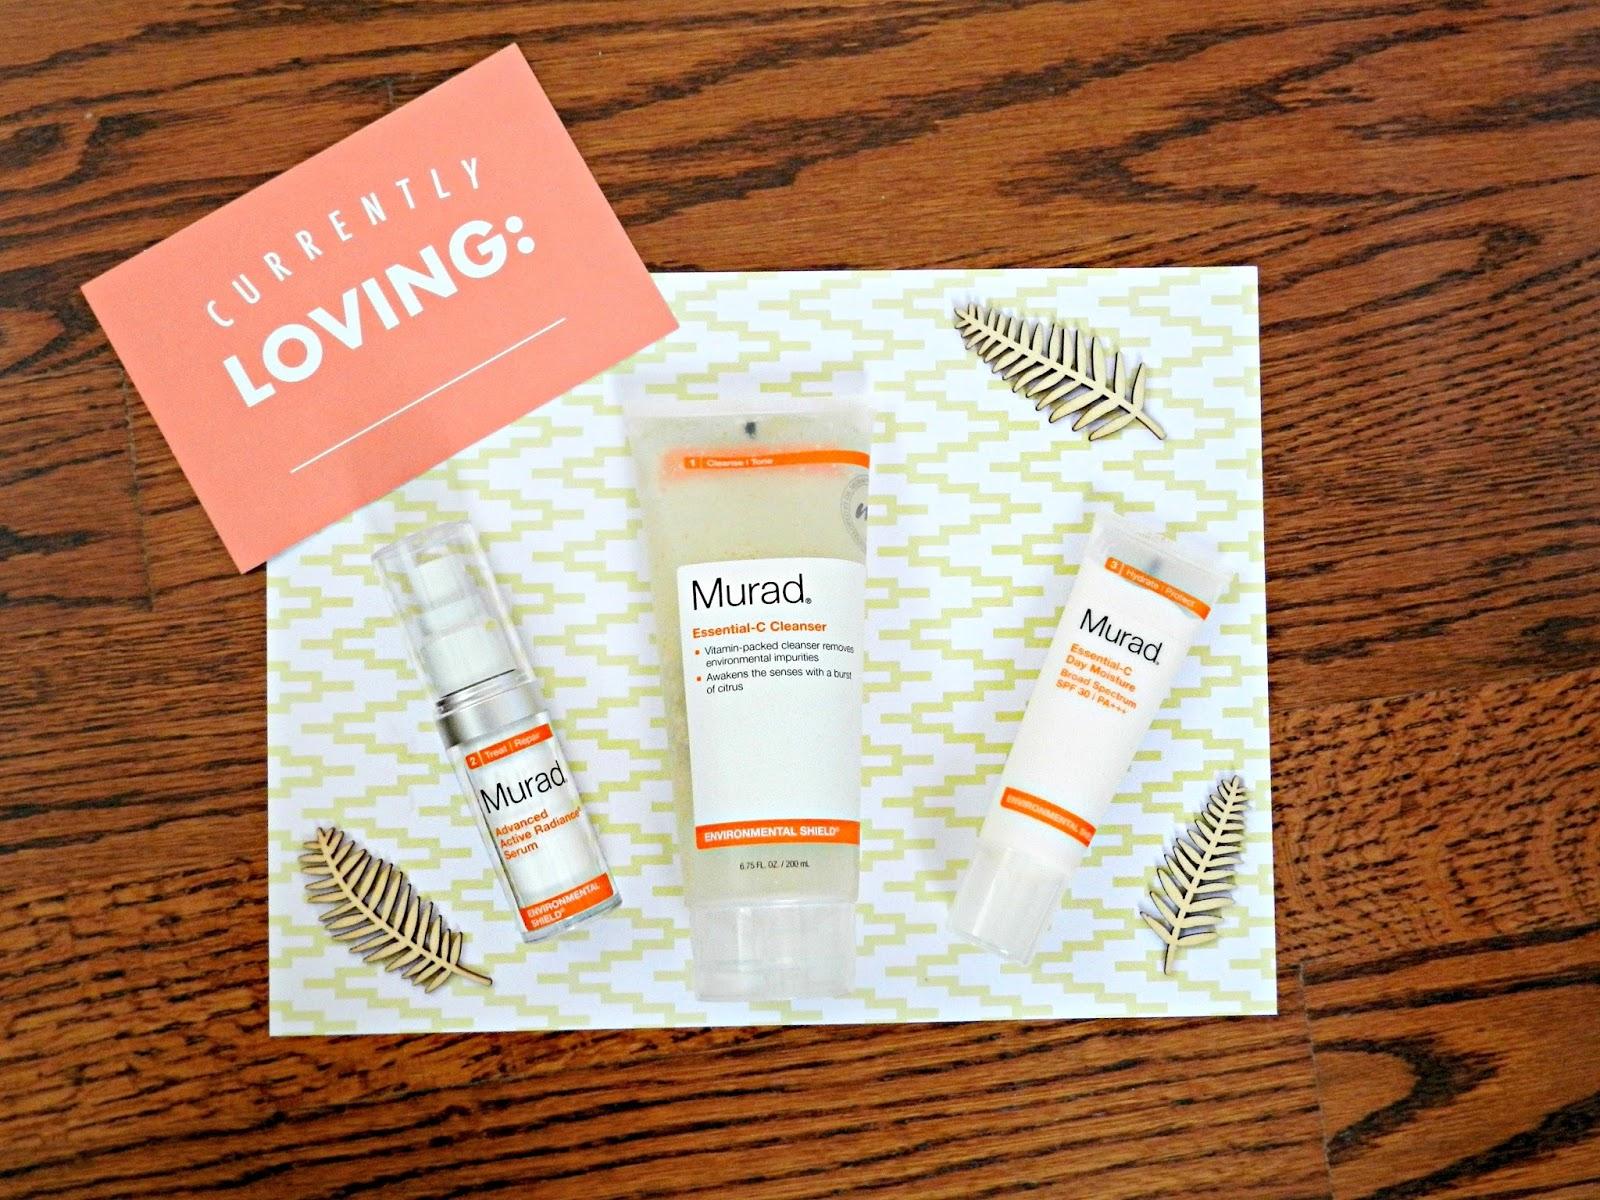 Murad Environmental Shield Set Skincare SPF review sephora